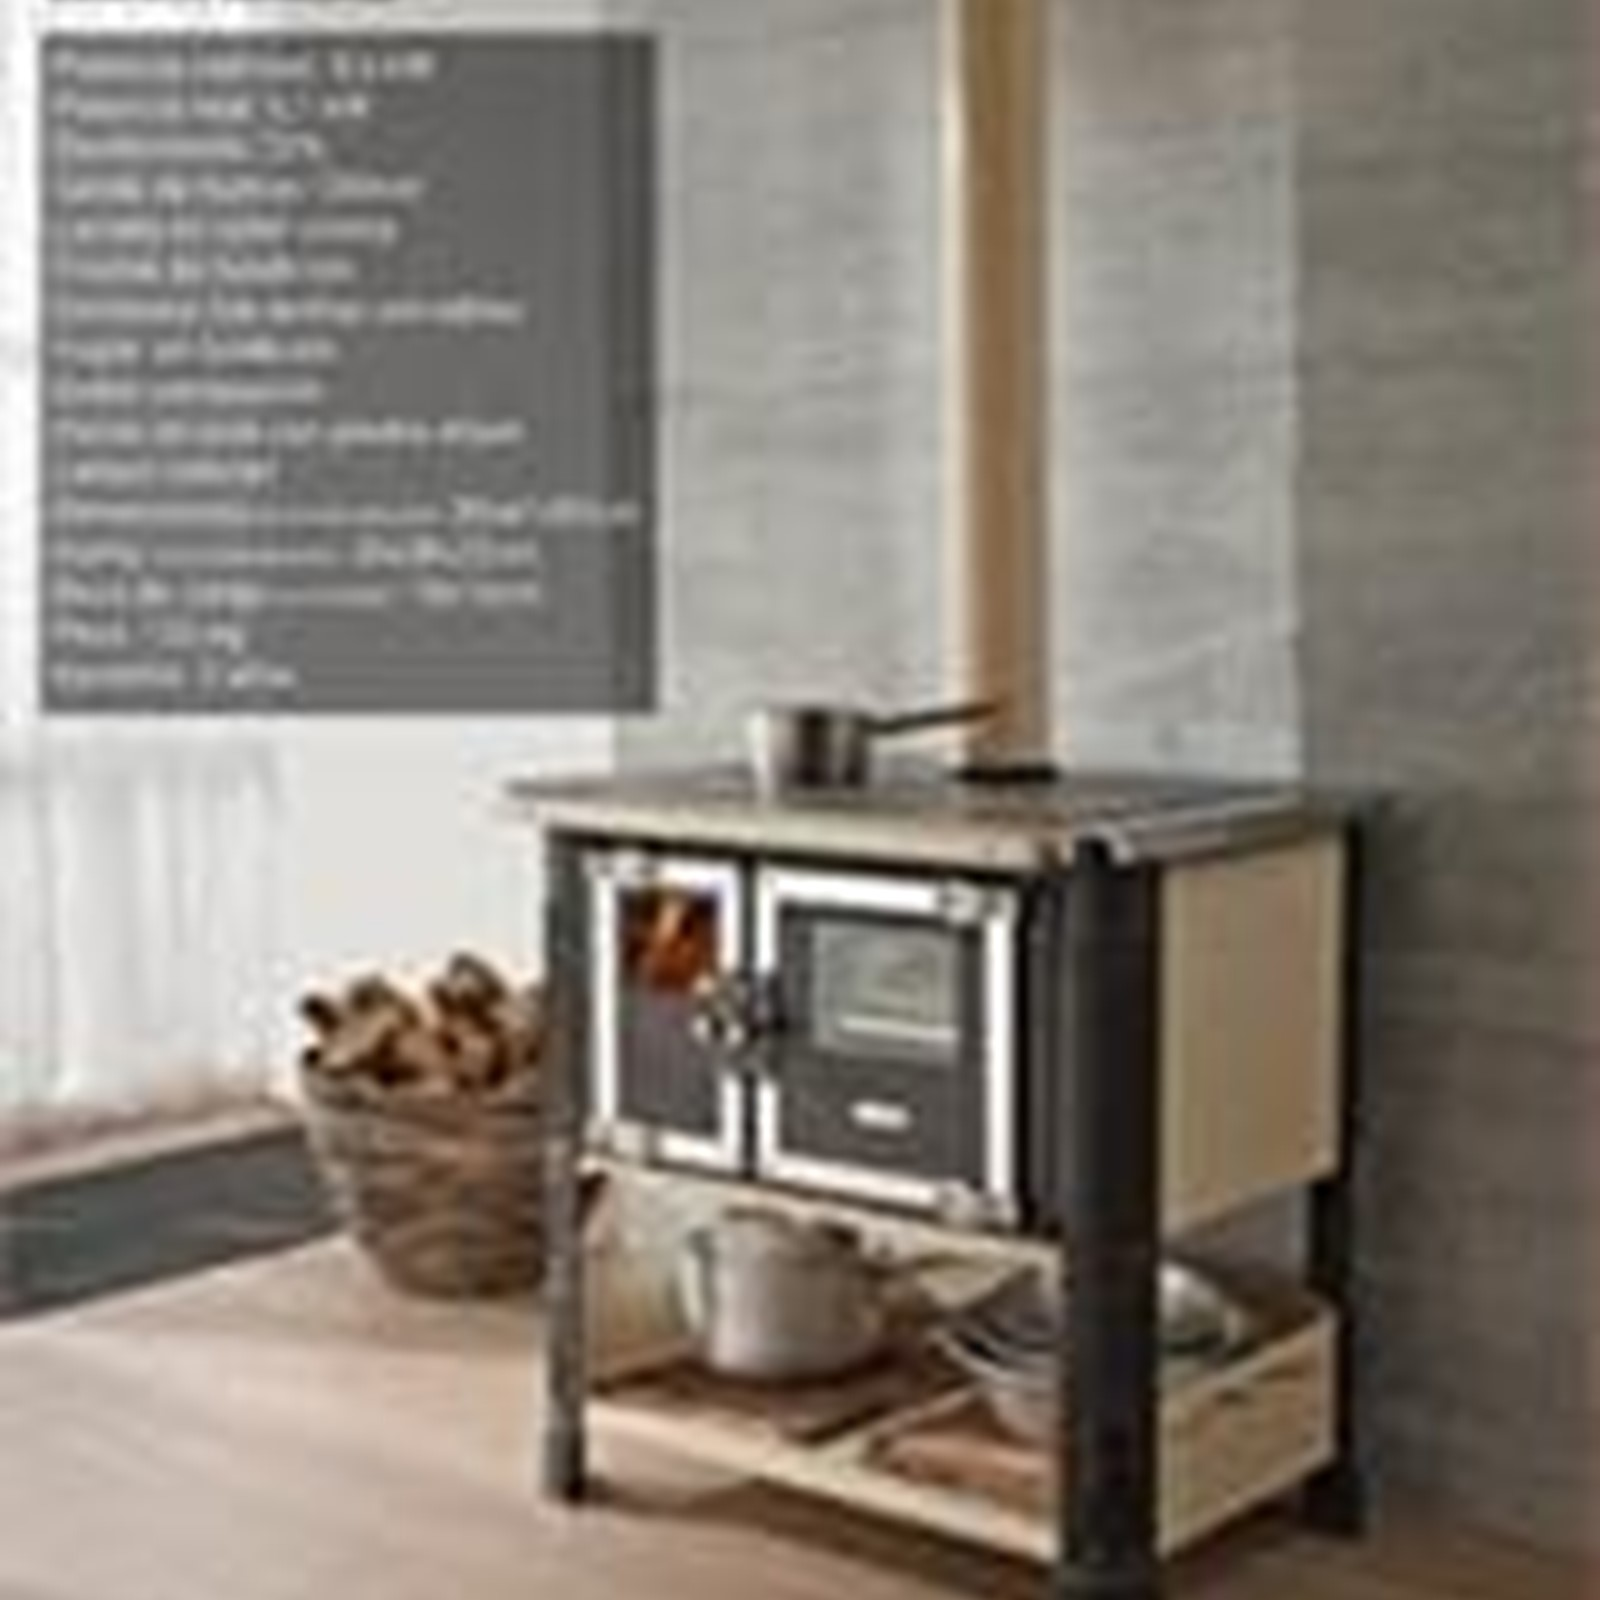 Cocinas de le a for Planos de cocina economica a lena